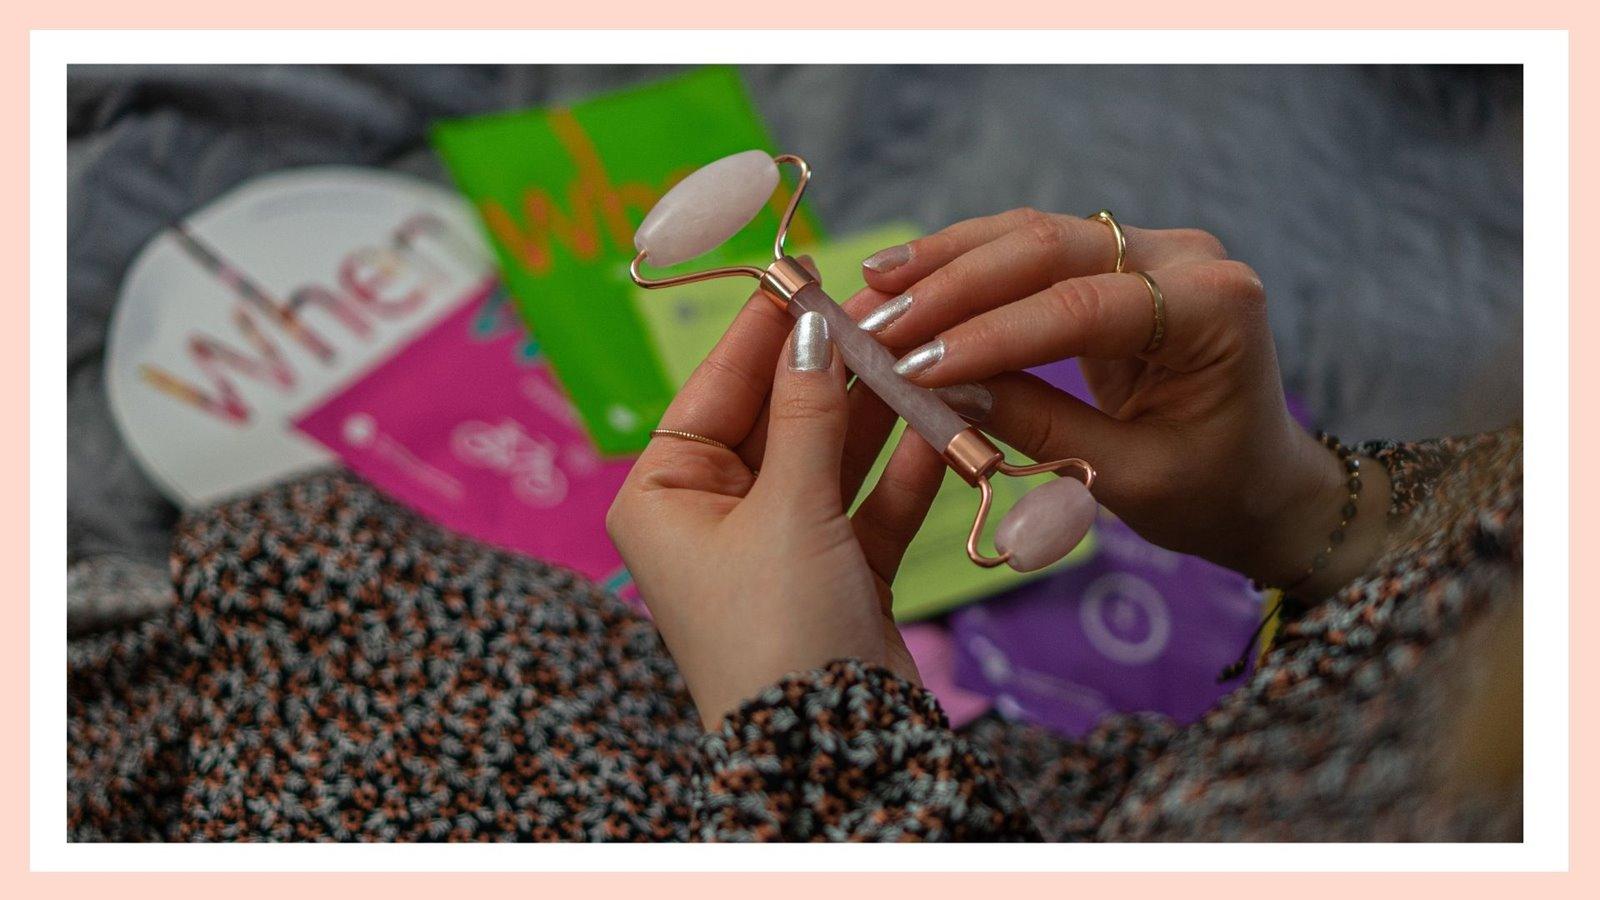 4 Jak używać maseczek w płachcie, jak często stosować, poznaj dobre maseczki w płachcie, jak nakładać błędy porady tipy, tanie naturalne when maski opinie koreańskie do twarzy szyi biustu